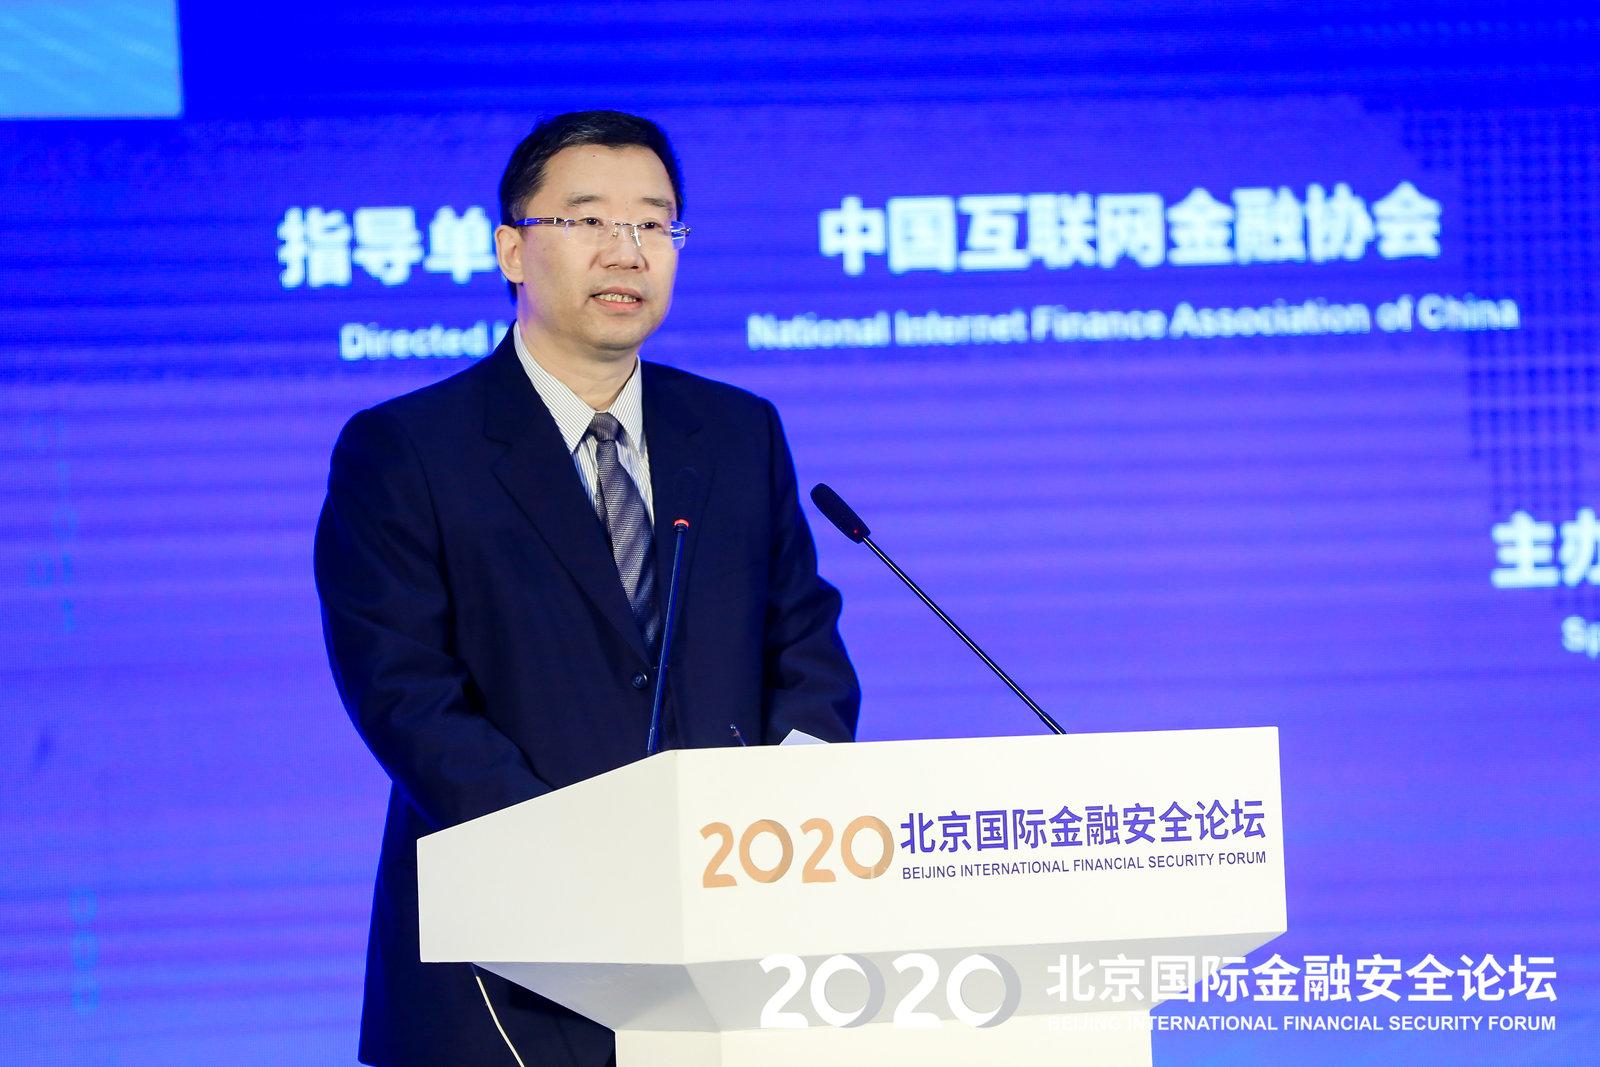 北京市政府副秘书长张劲松